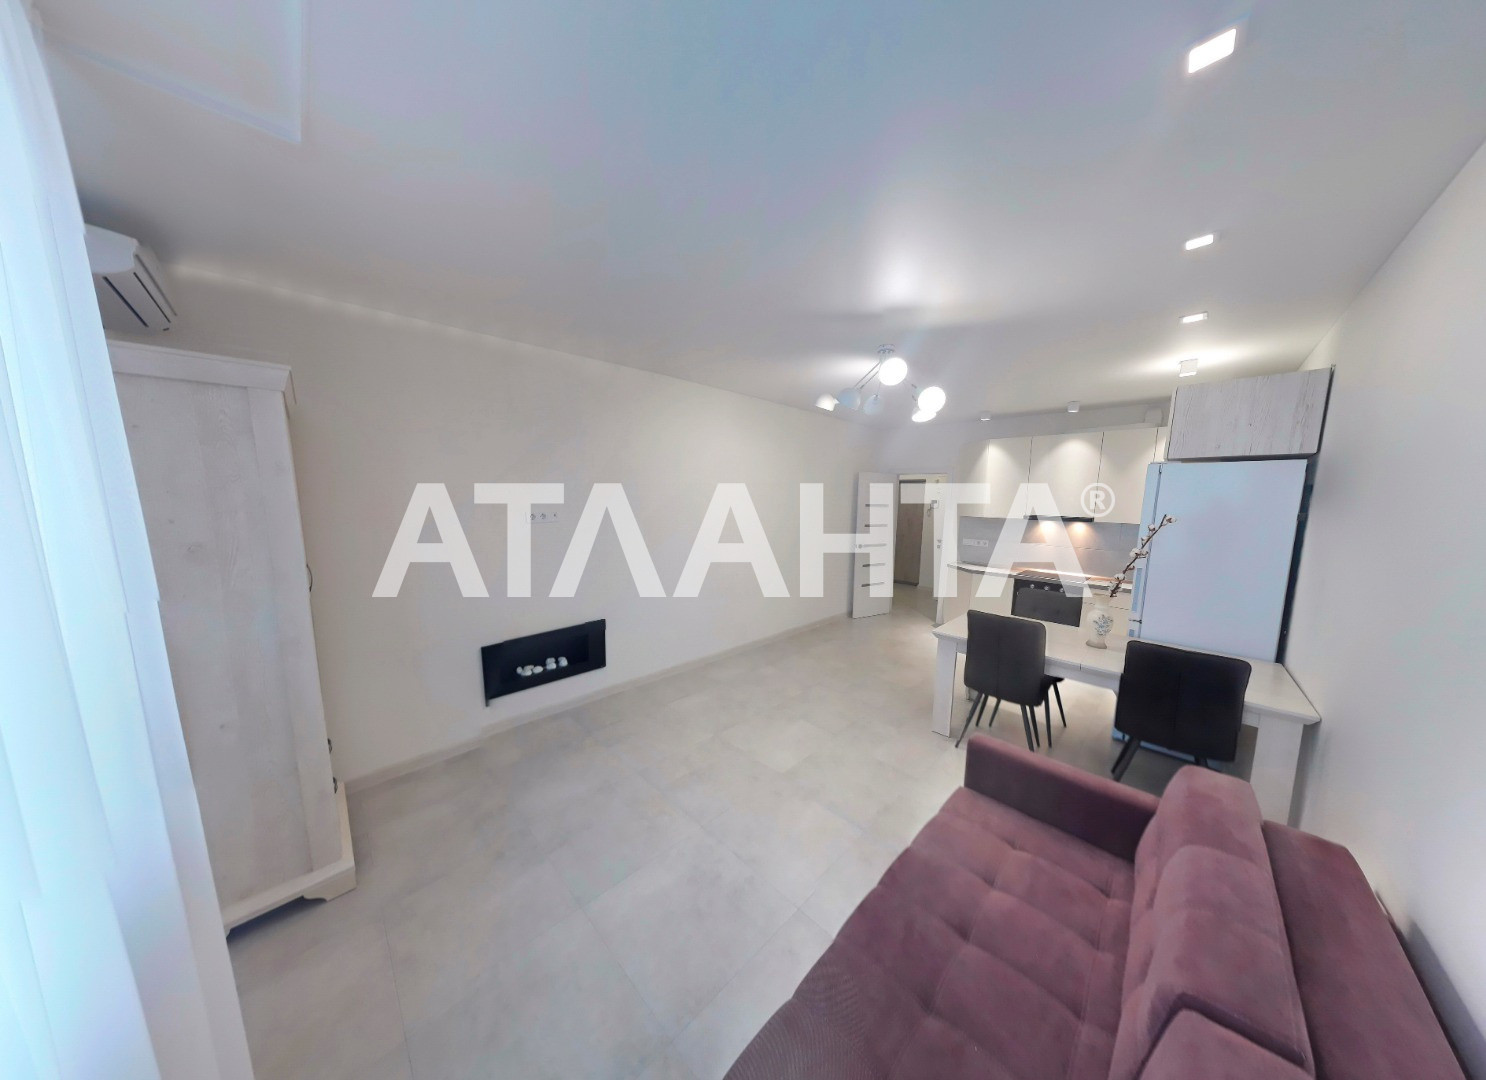 Продается 2-комнатная Квартира на ул. Теремковская — 85 000 у.е. (фото №5)